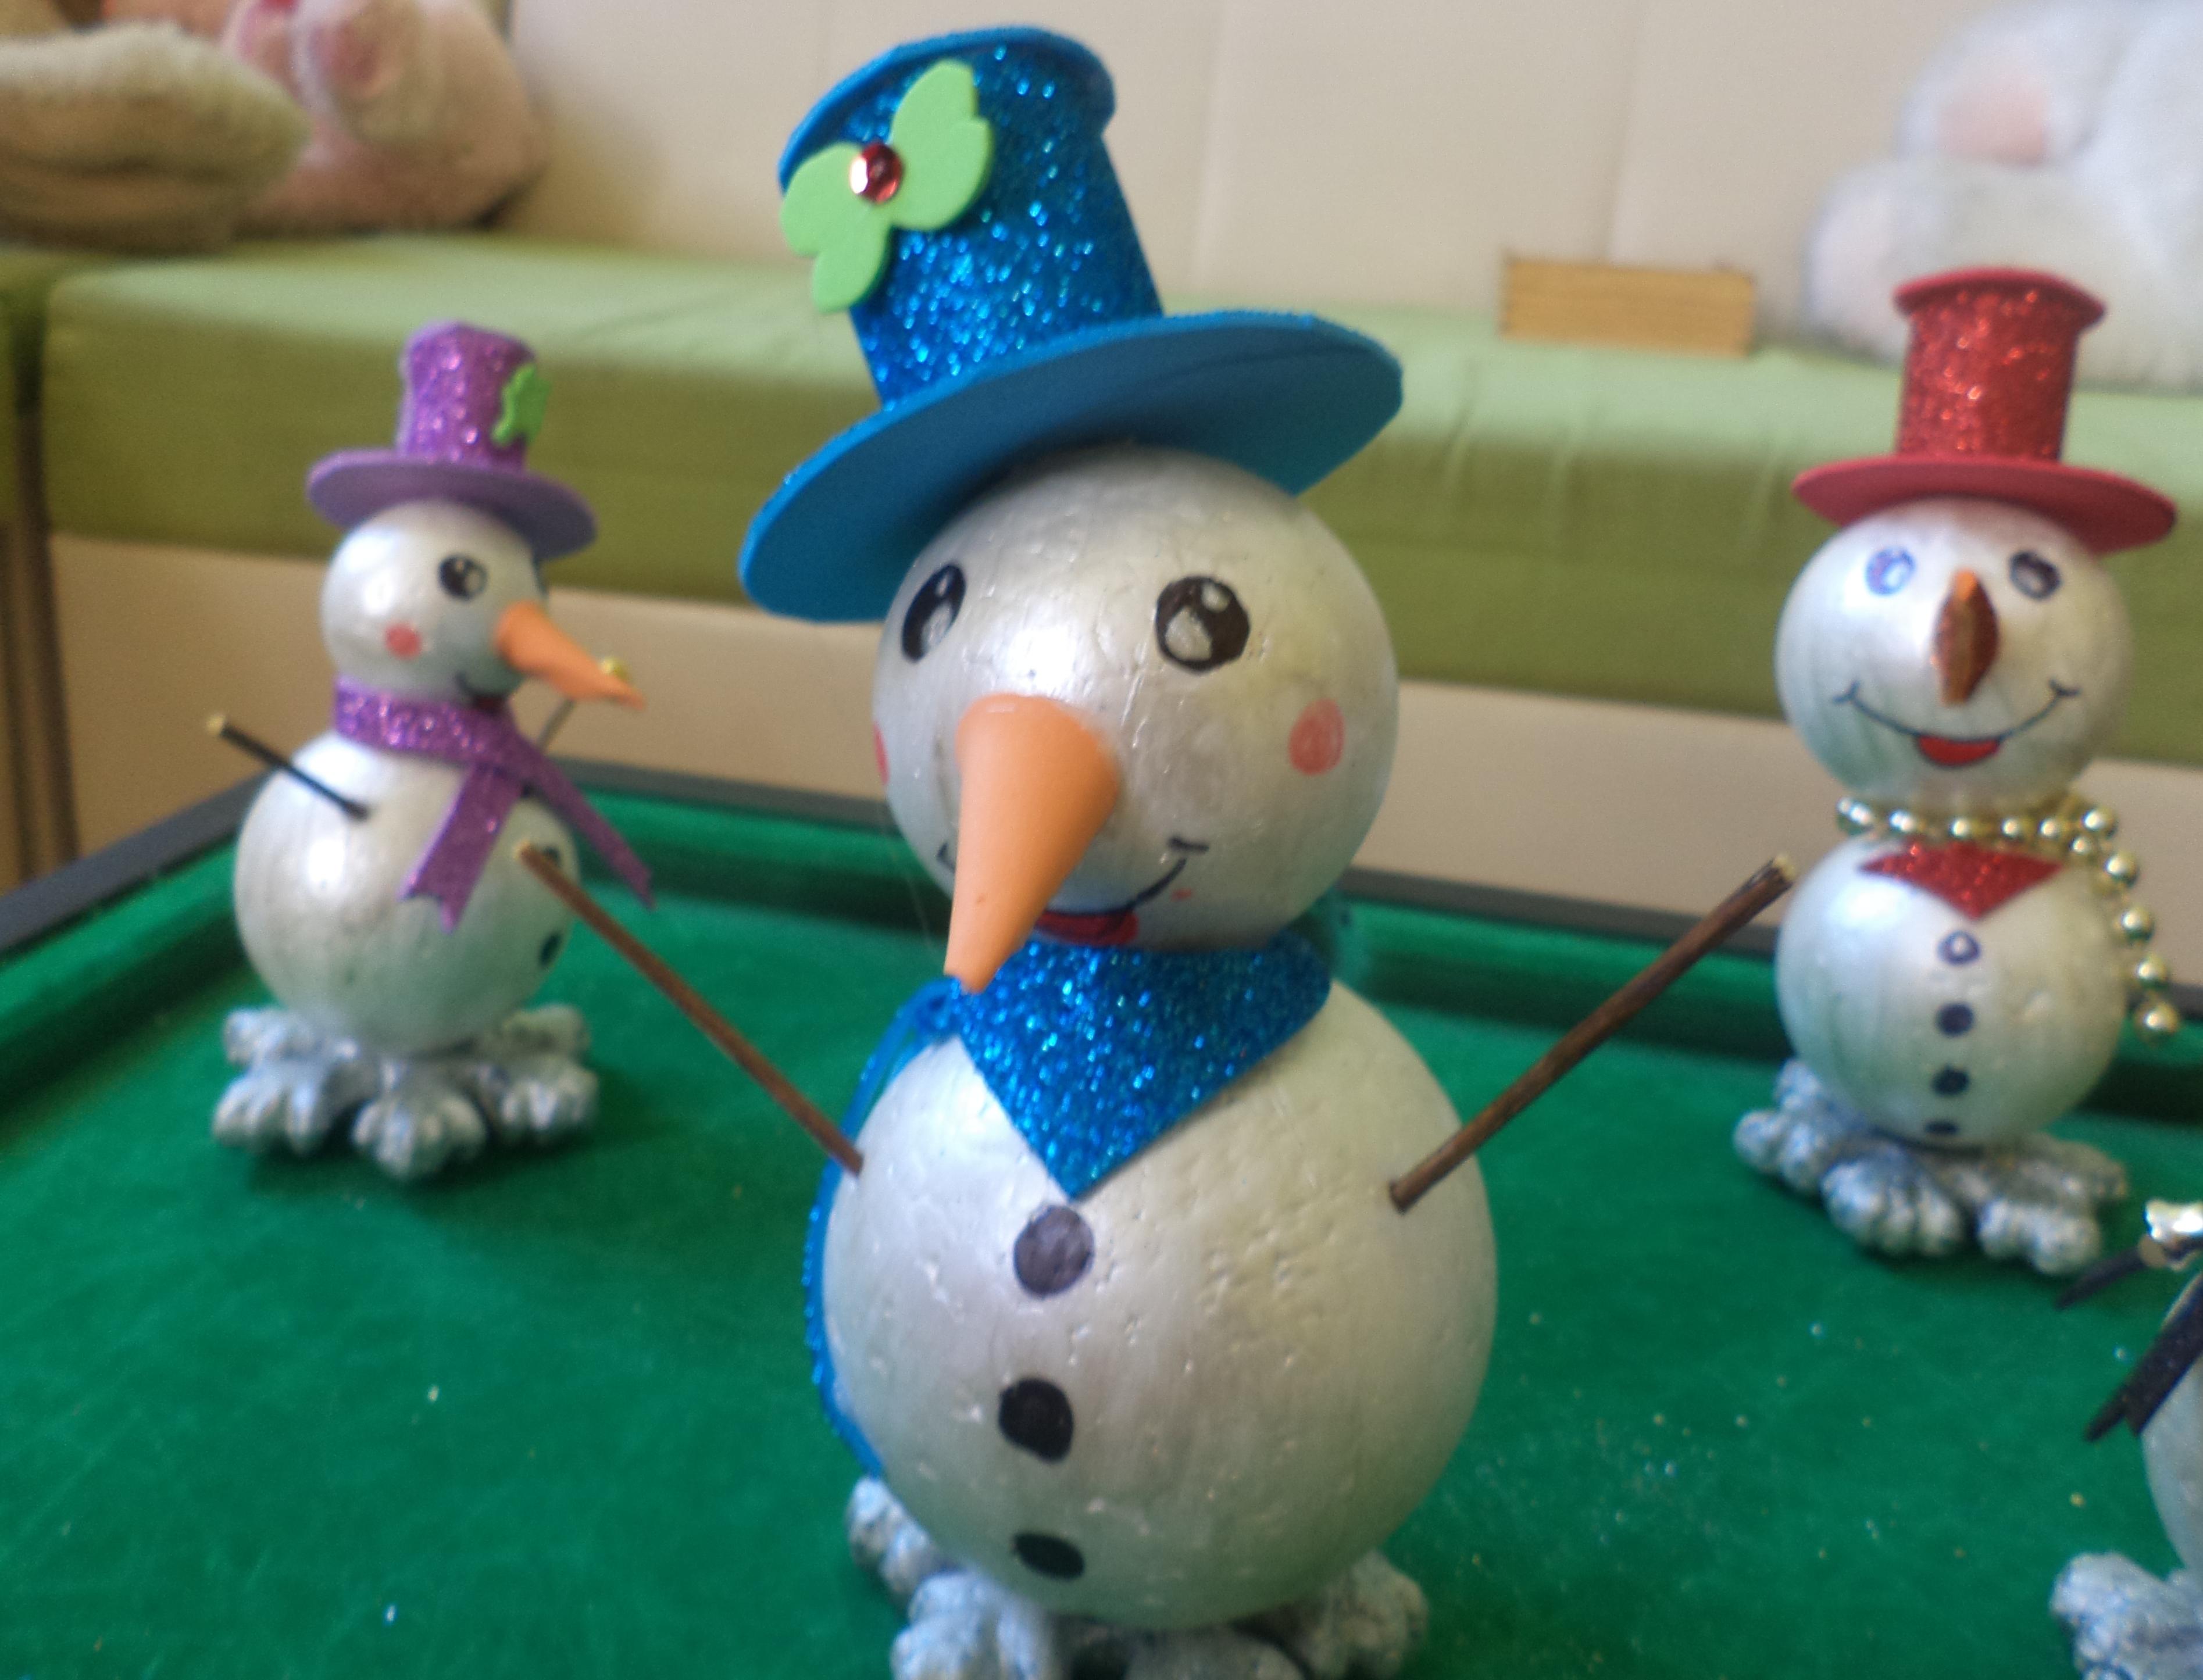 Децата от Център за обществена подкрепа изработиха сувенири за Коледния базар, които ще се състои  на14.12.2018г.